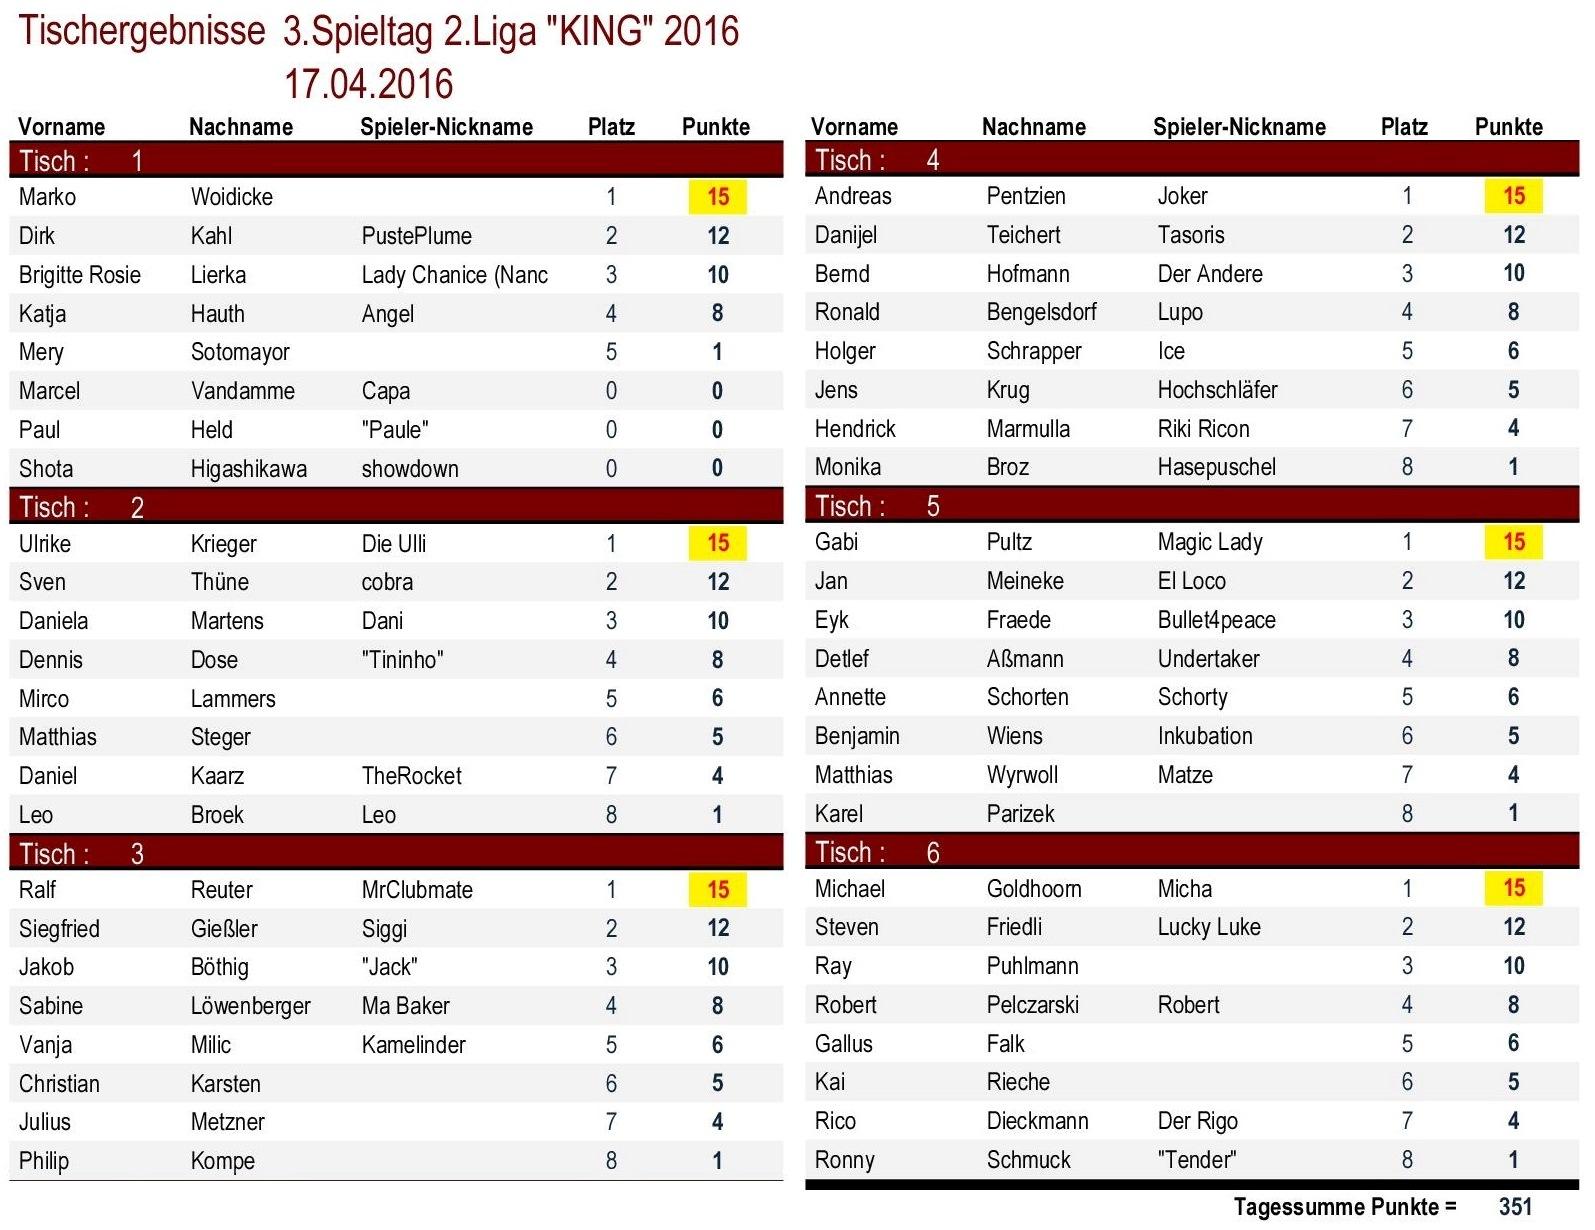 Tischergebnisse 2.Liga `KING` 3.Spieltag 2016